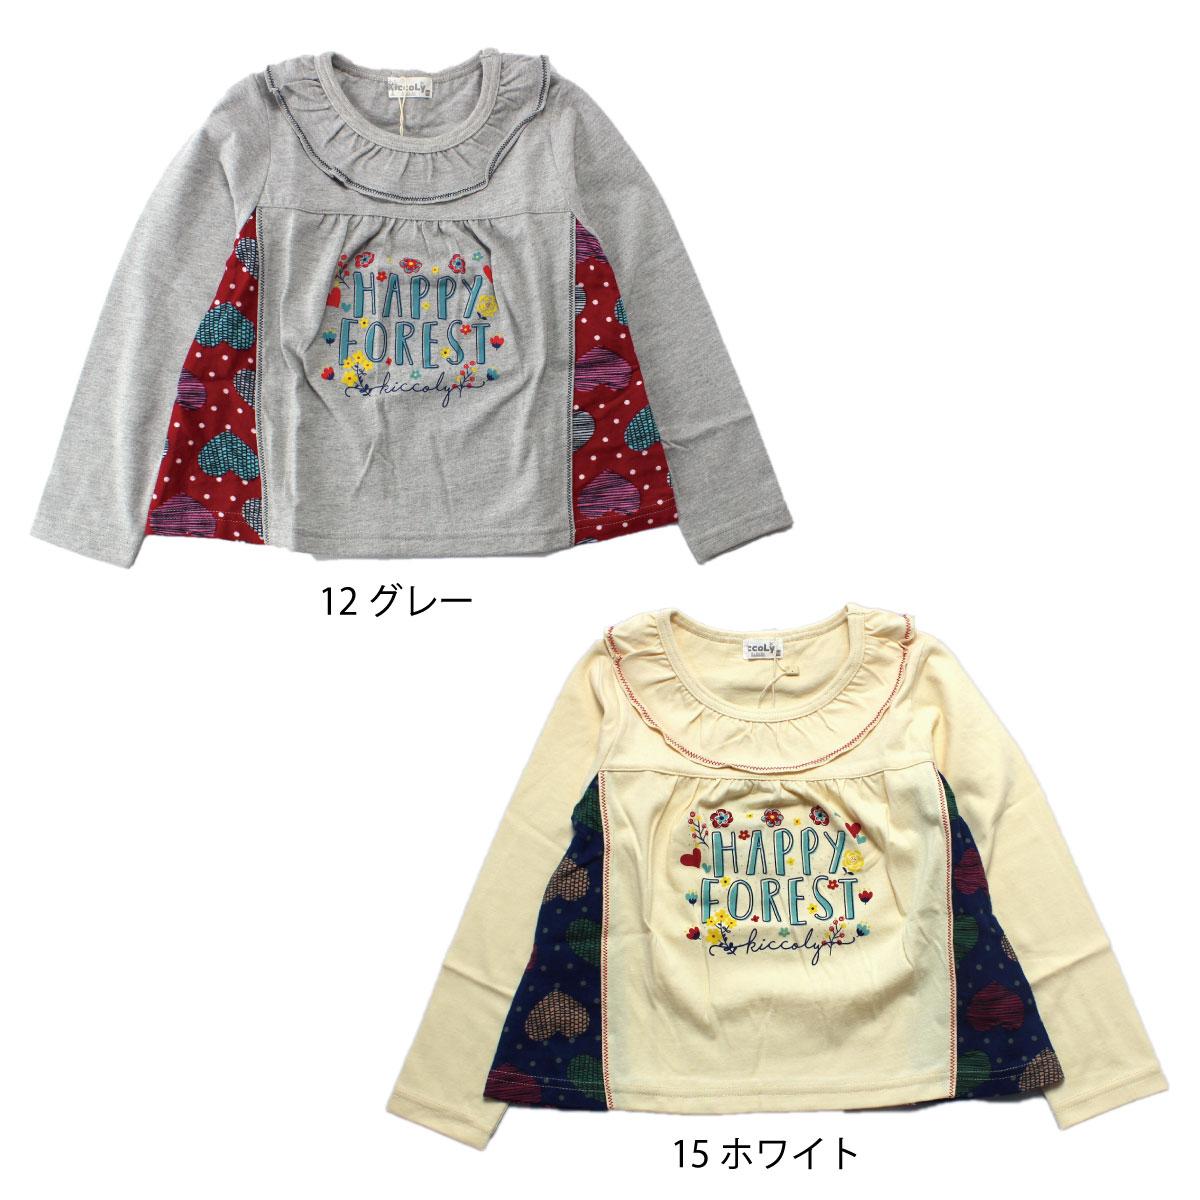 【ネコポス対応】【SiShuNon/Kiccoly】プリント切替Tシャツ キッコリー Tシャツ 女の子